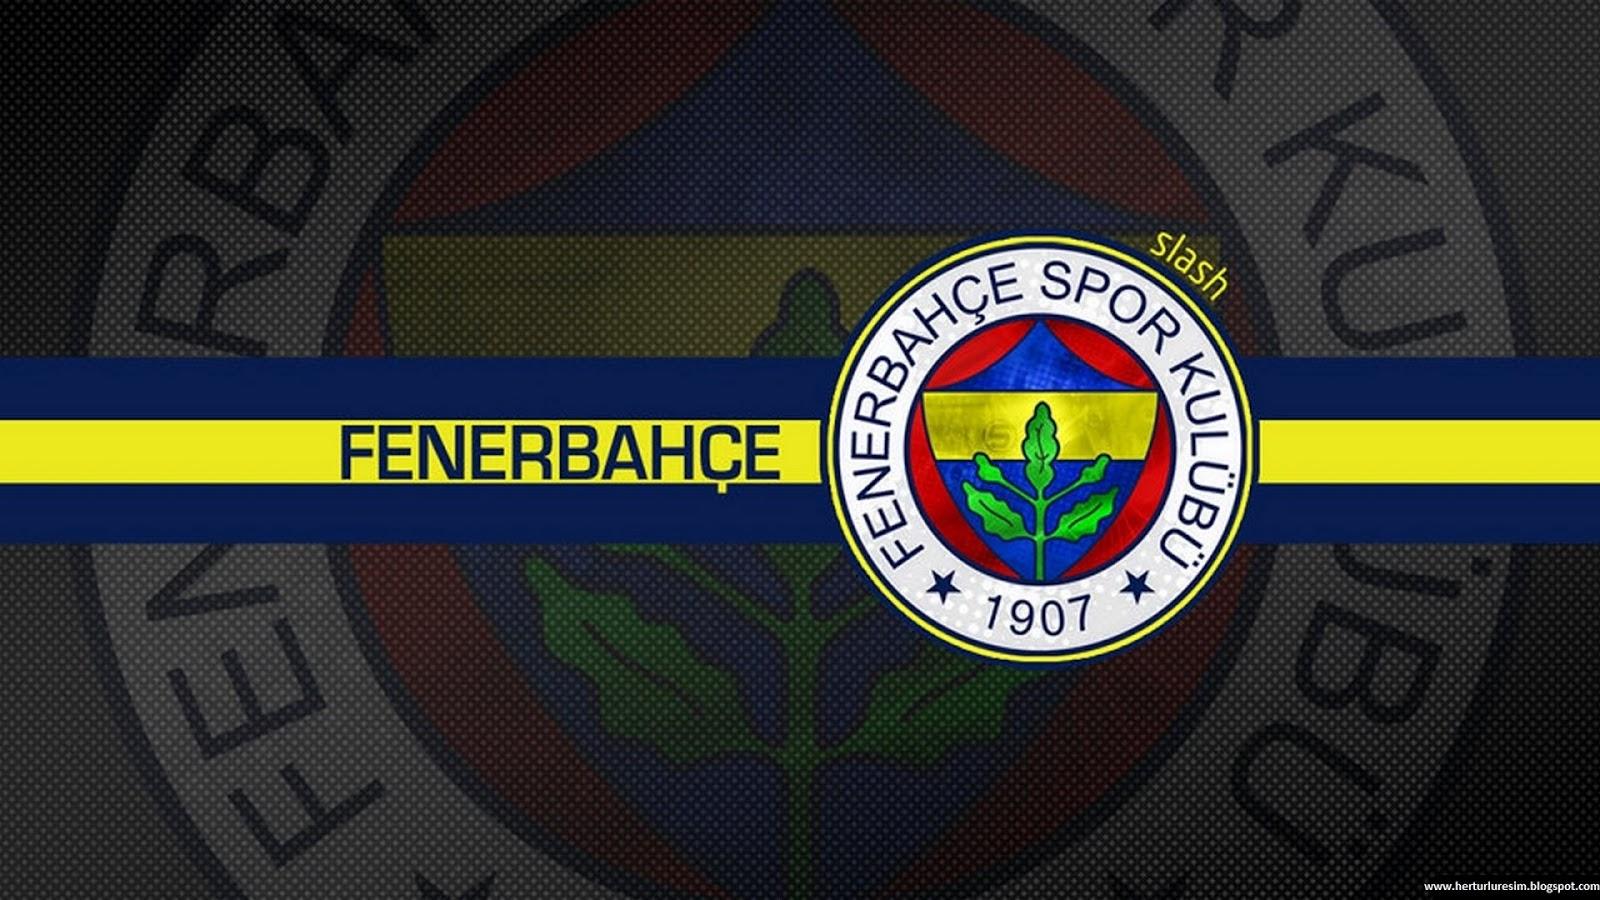 fenerbahce+resim+rooteto+15 Fenerbahçe HD Resimleri